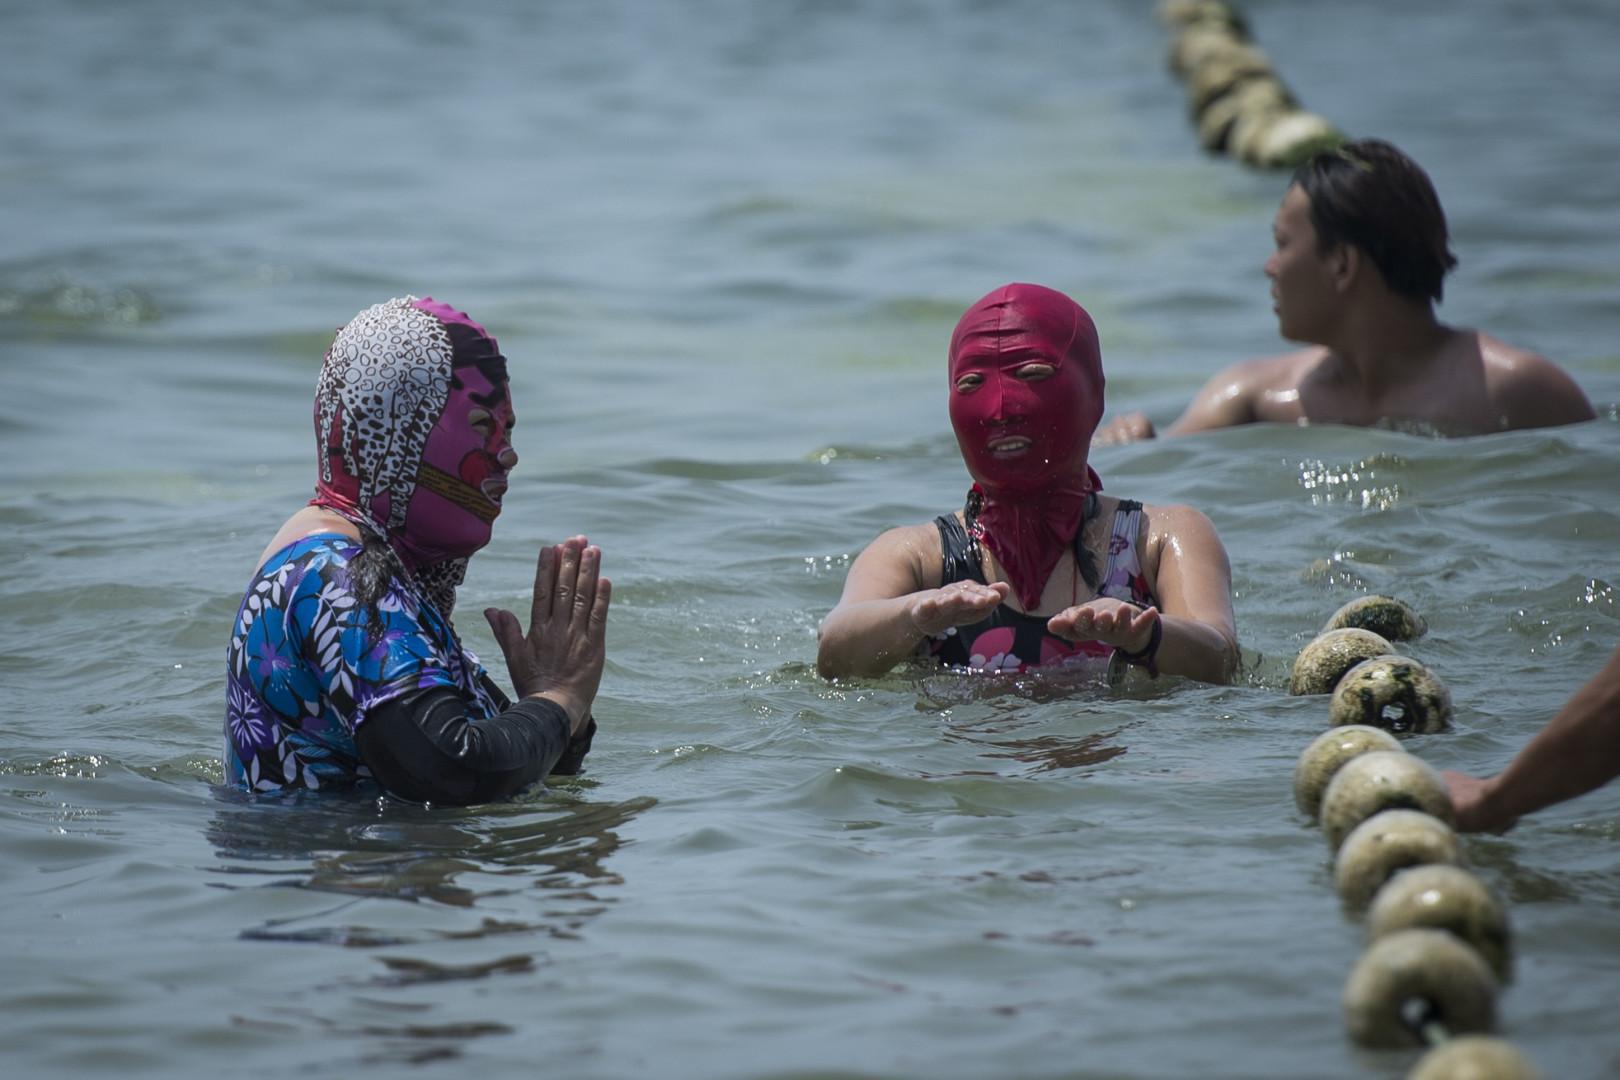 Le face-kini est évidemment étanche, pour pouvoir le garder durant la baignade. (le 24 juillet 2015, sur une plage de Qingdao)